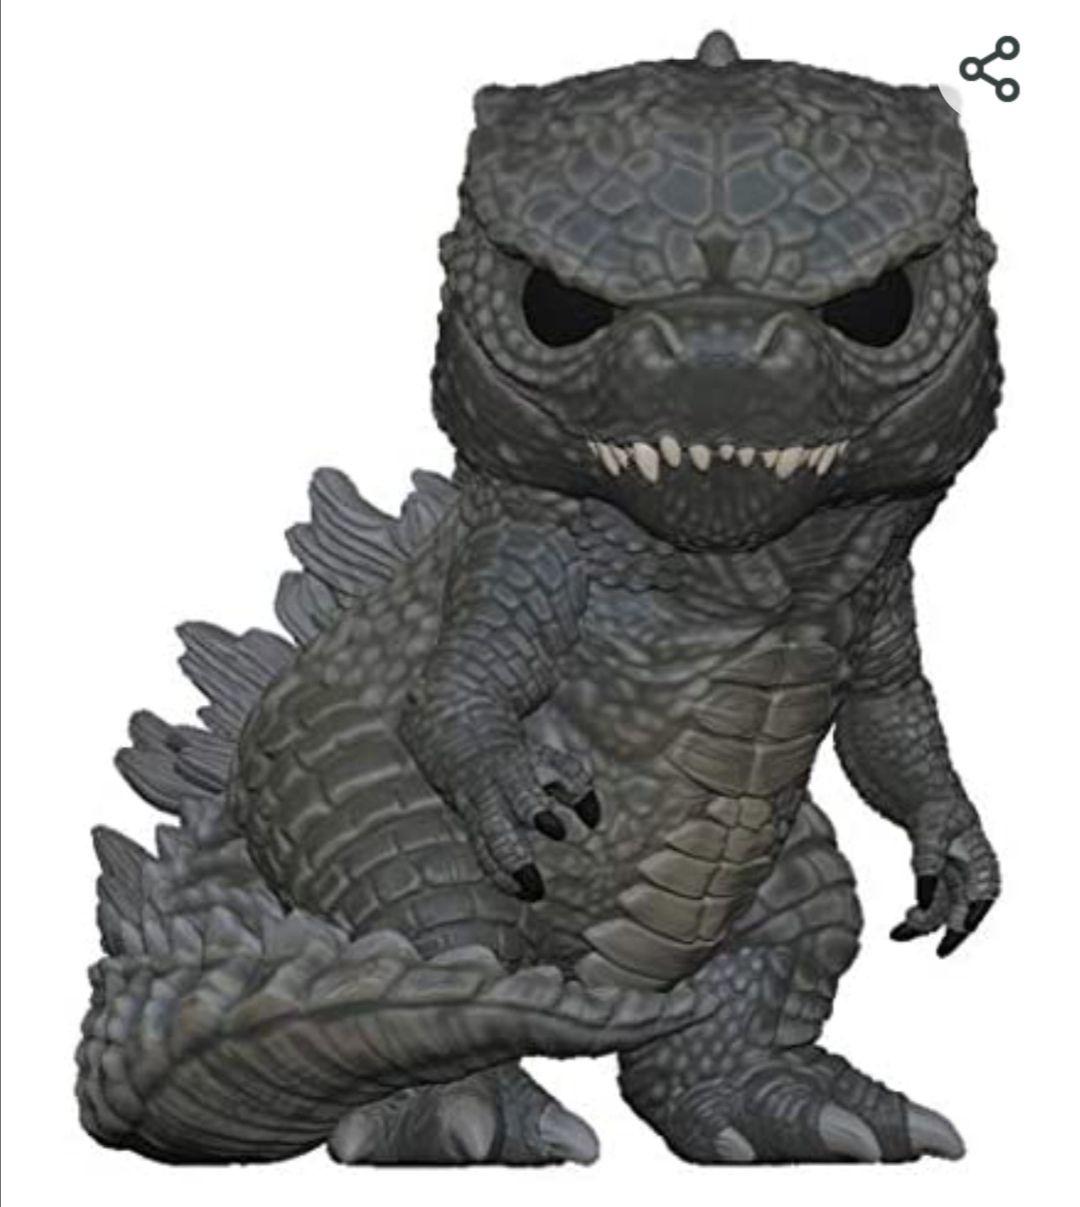 Amazon Funko Pop Movies: Godzilla vs Kong- Godzilla